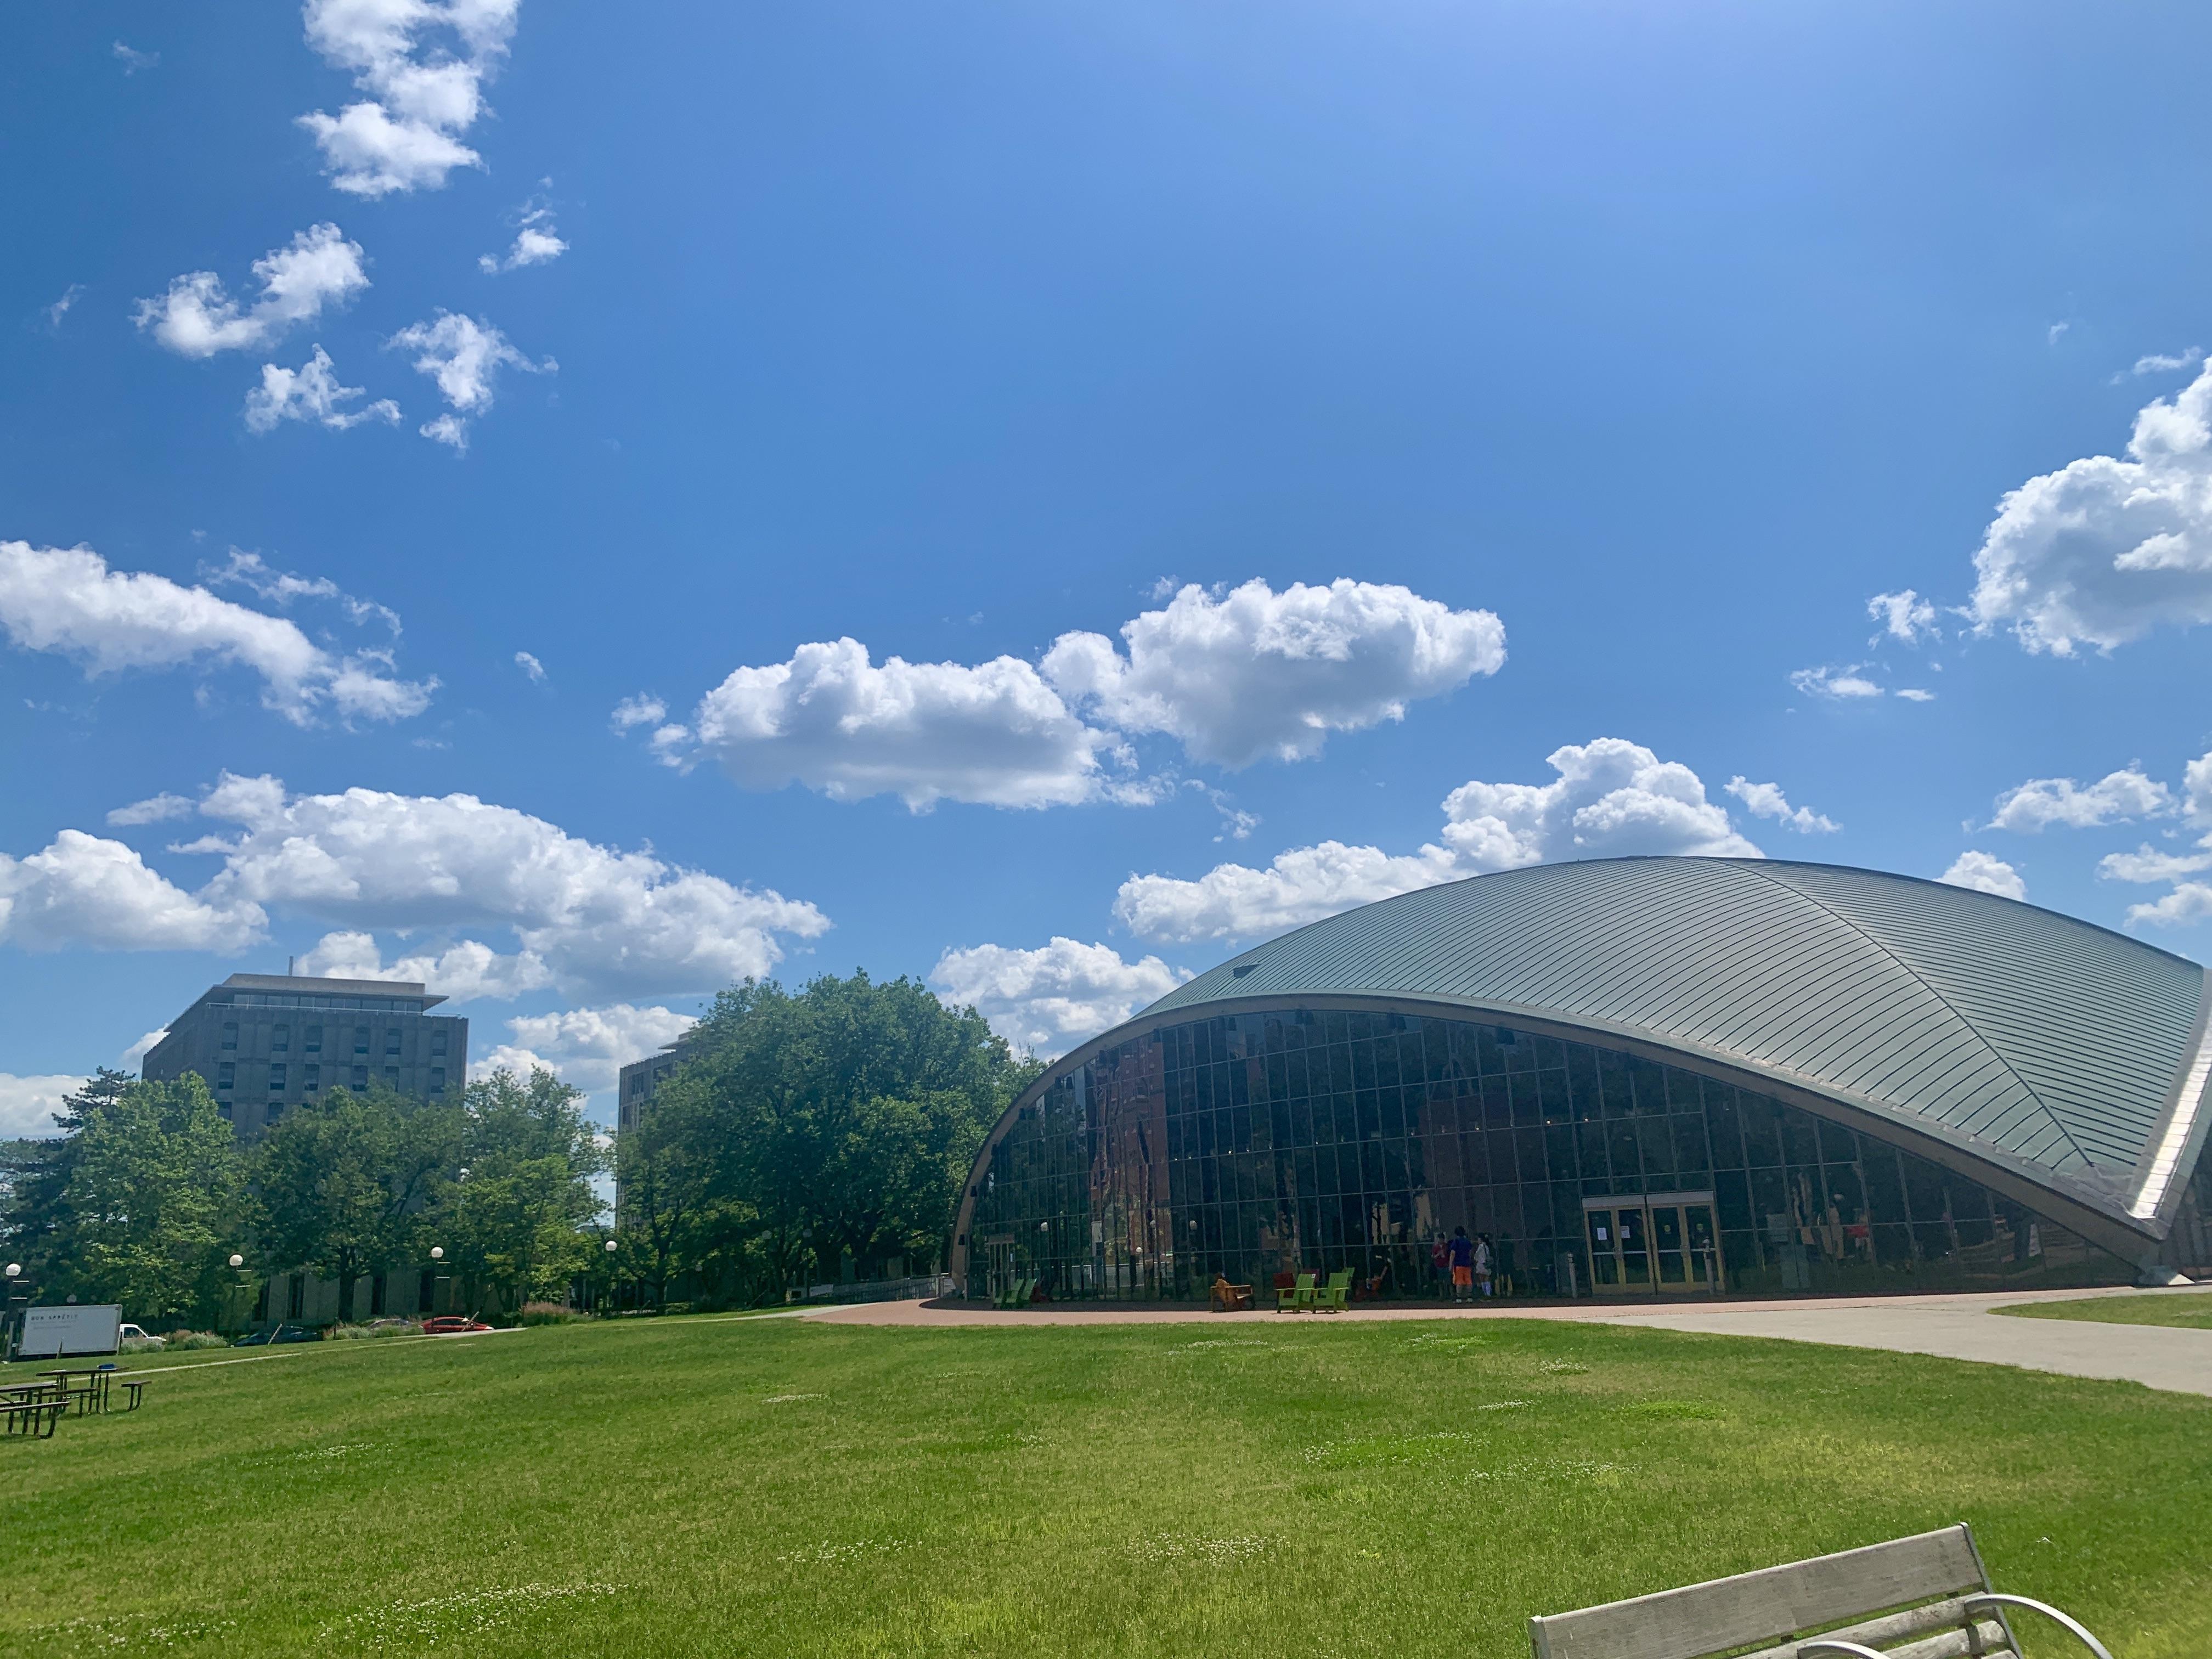 The Kresge Auditorium at MIT